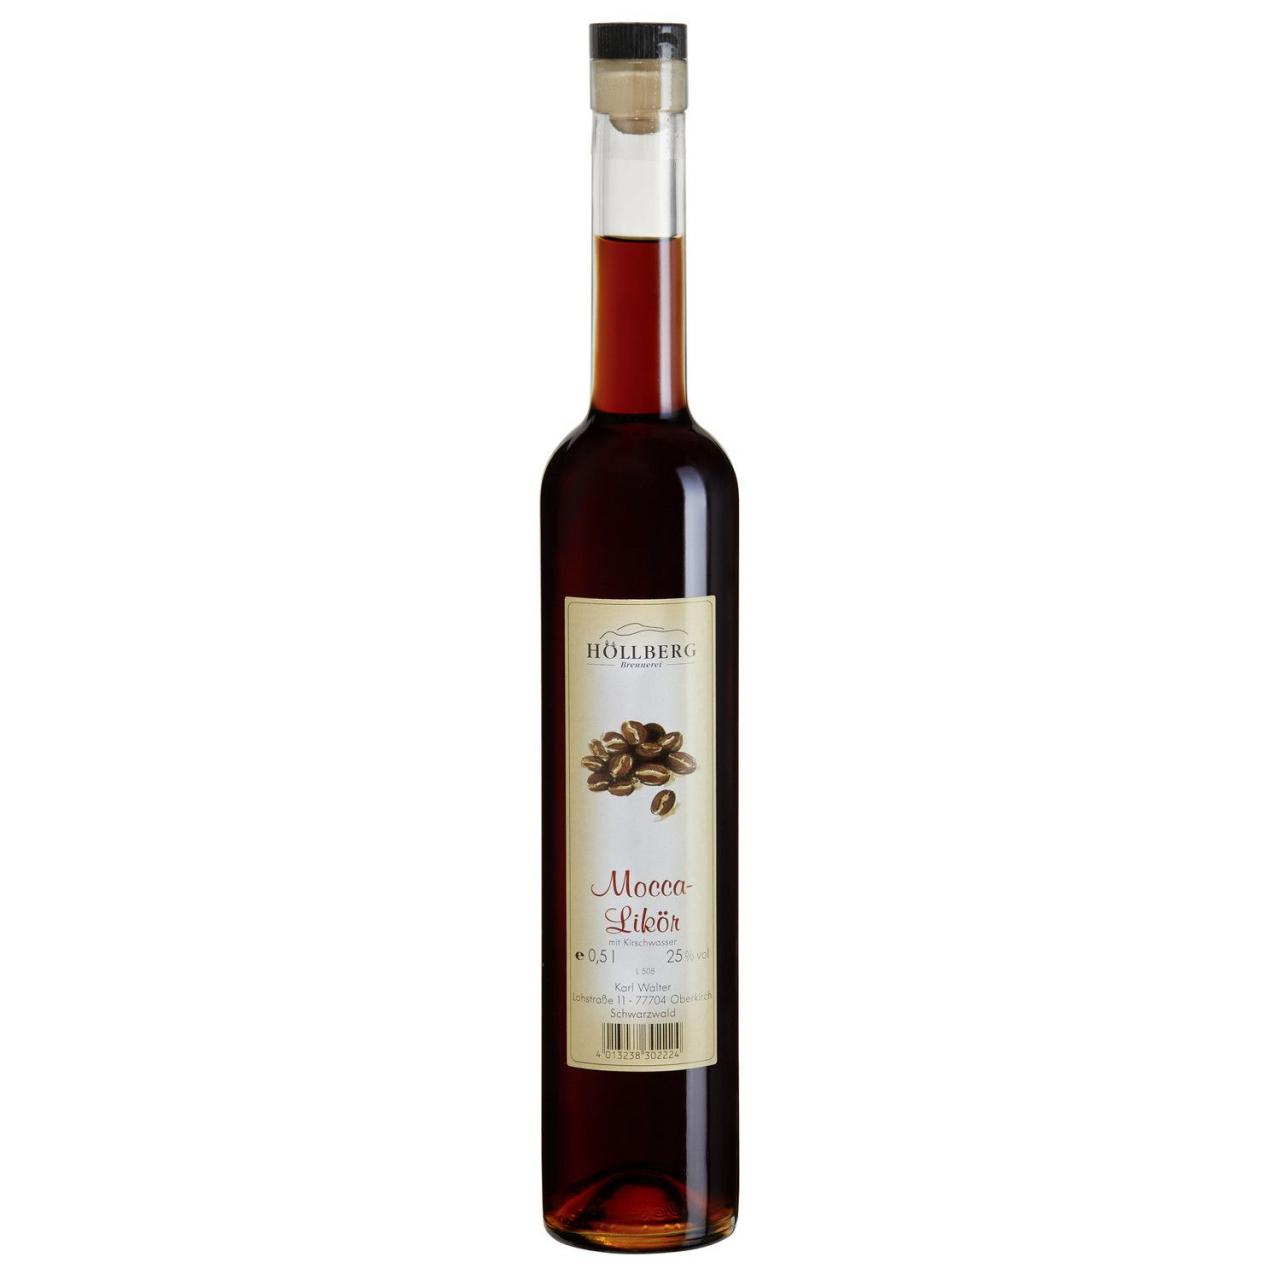 0,5 Liter Glasflasche Höllberg Mocca Likör mit einem Alkohlgehalt von 25% vol.